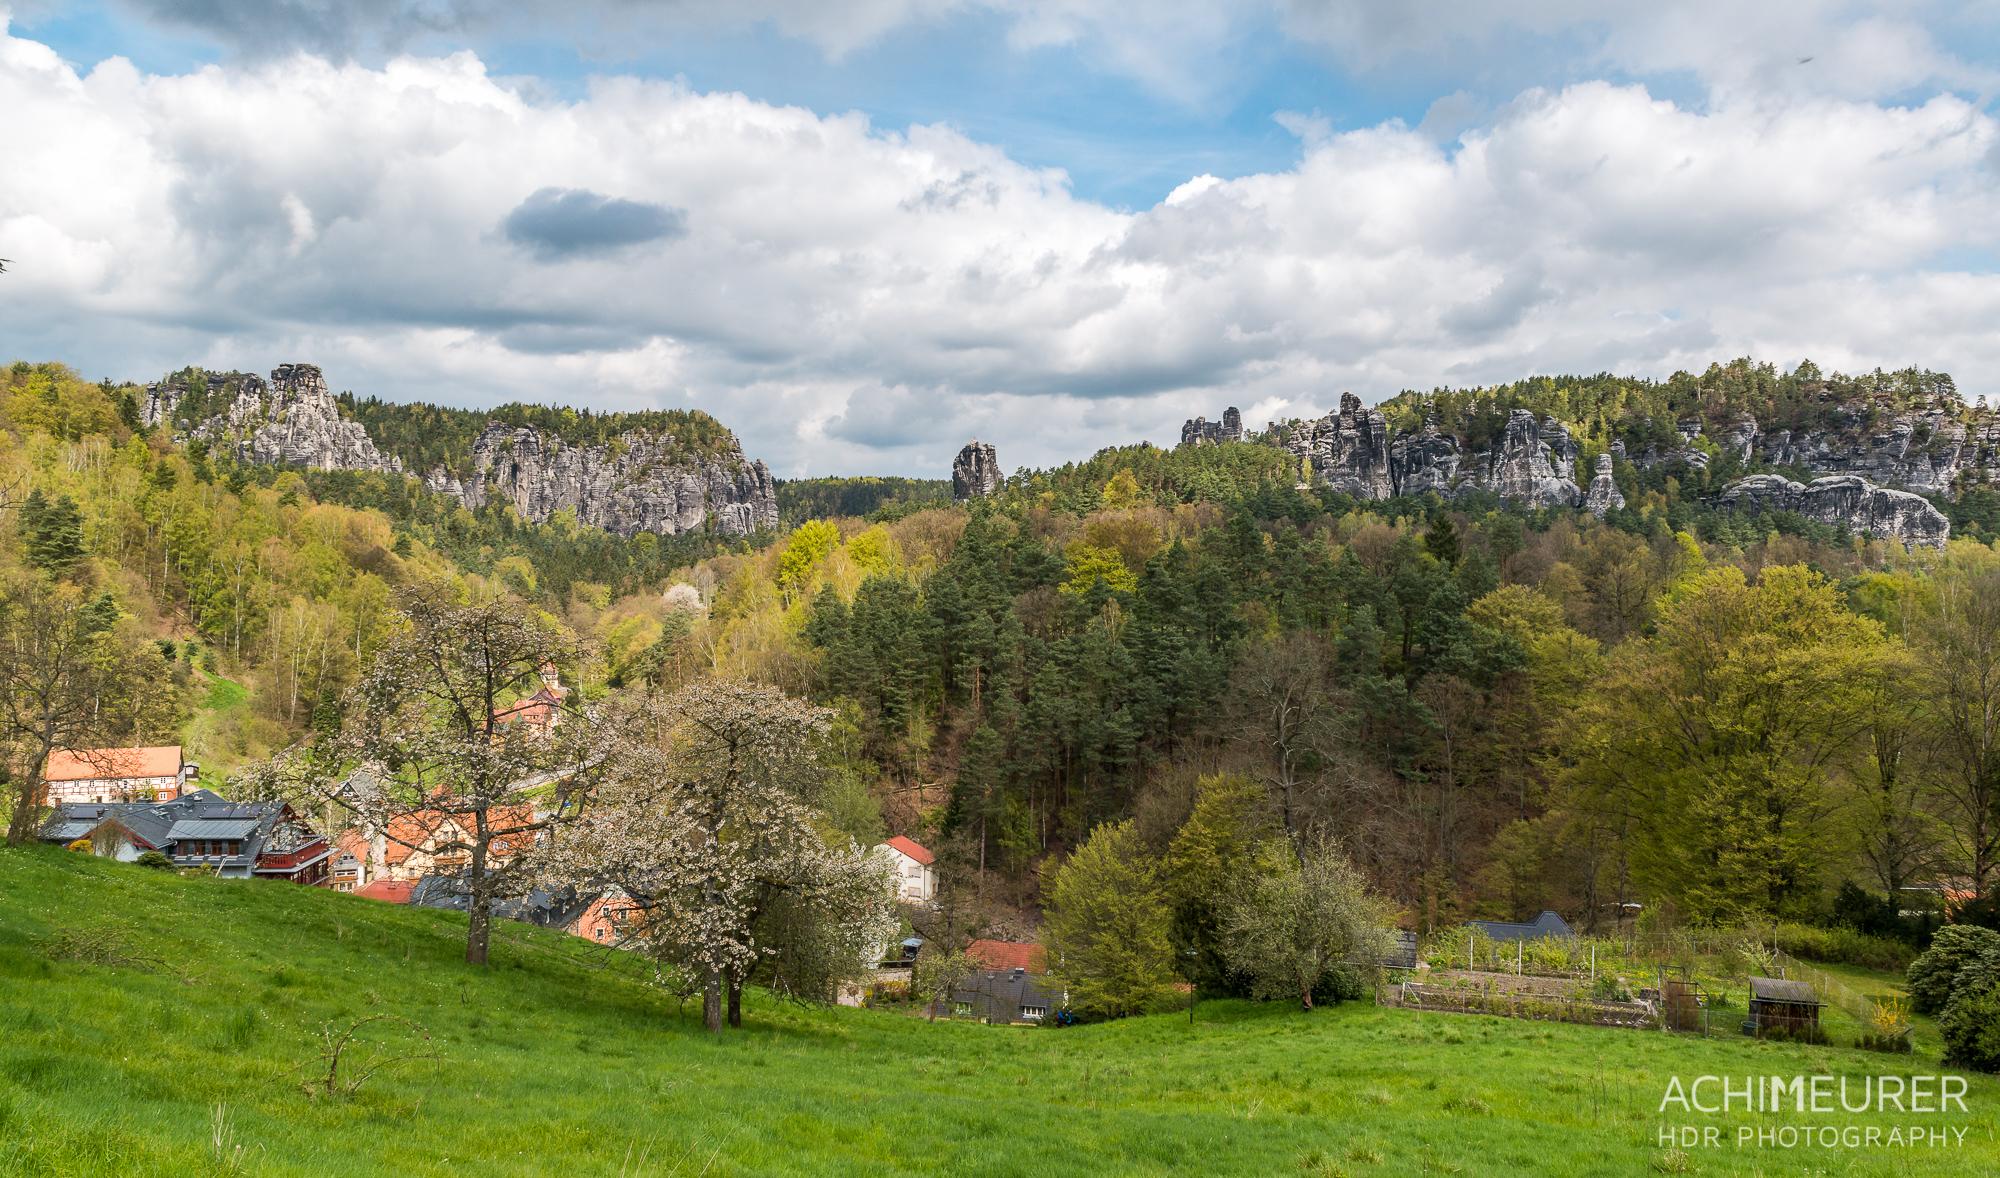 Saechsische-Schweiz-Rathen-kleine-Bastei-Wandern_9174